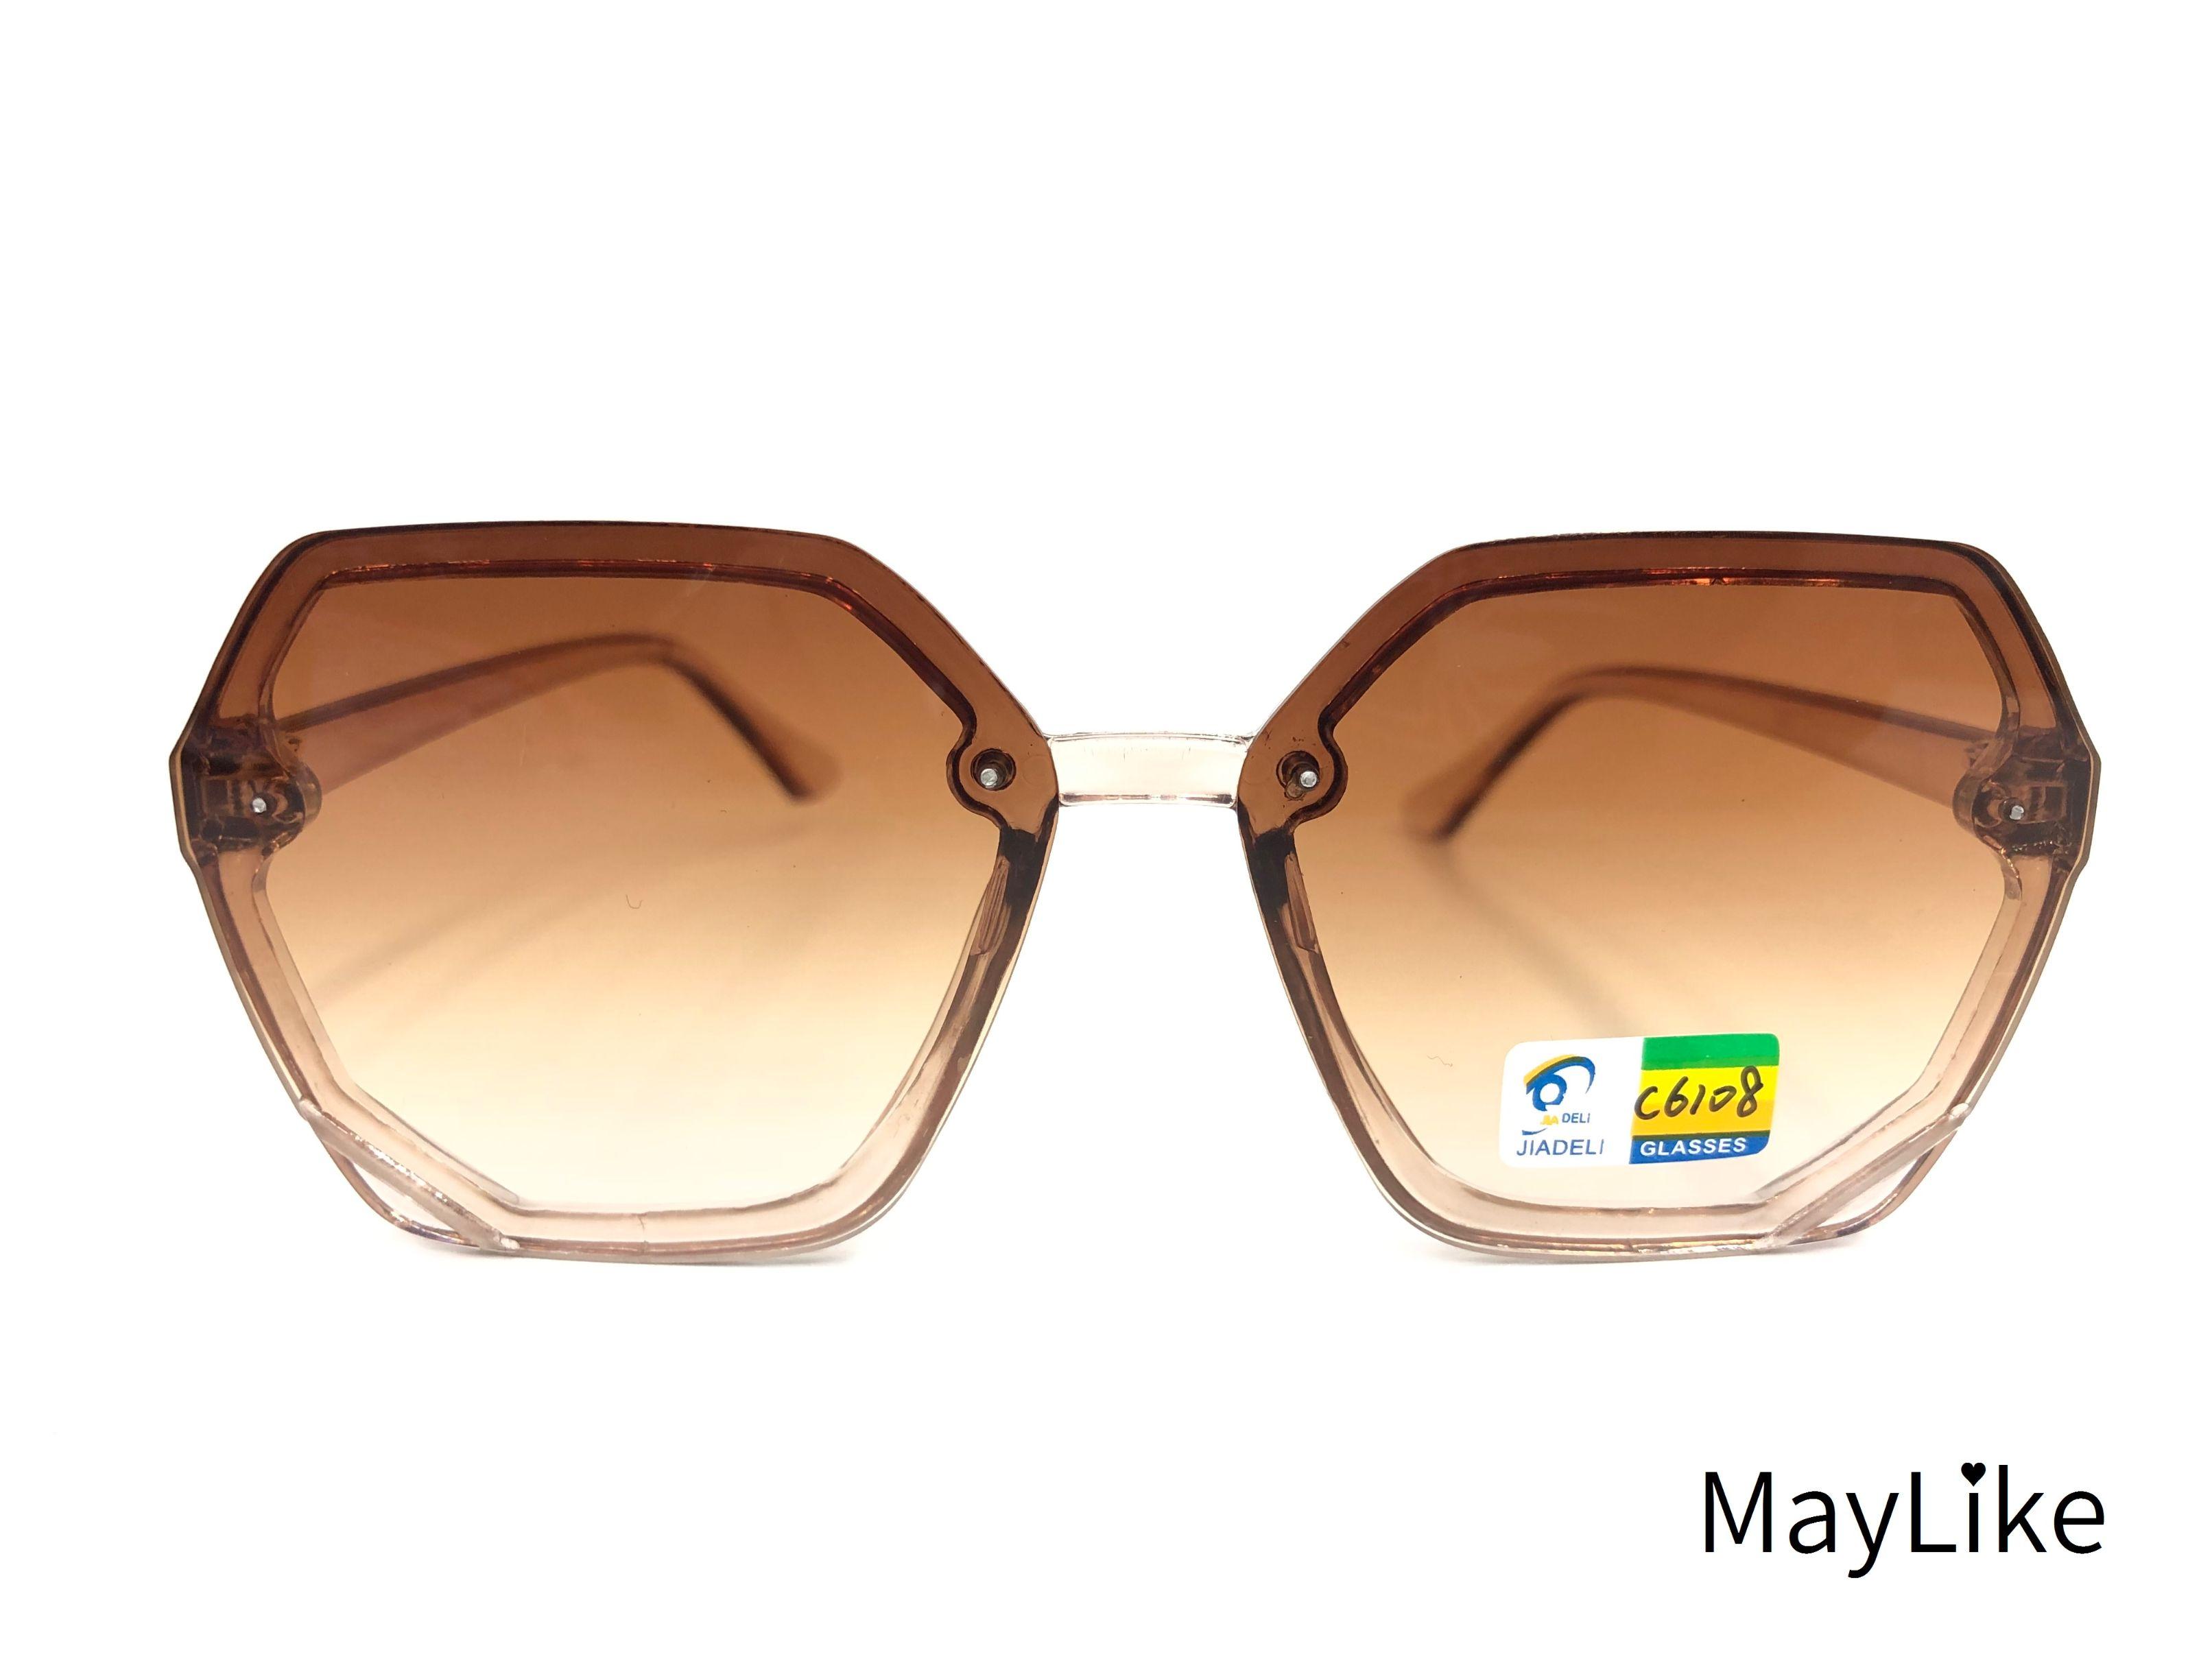 22837-2921 儿童 潮韩版 防紫外线 户外运动太阳镜 护眼 批发